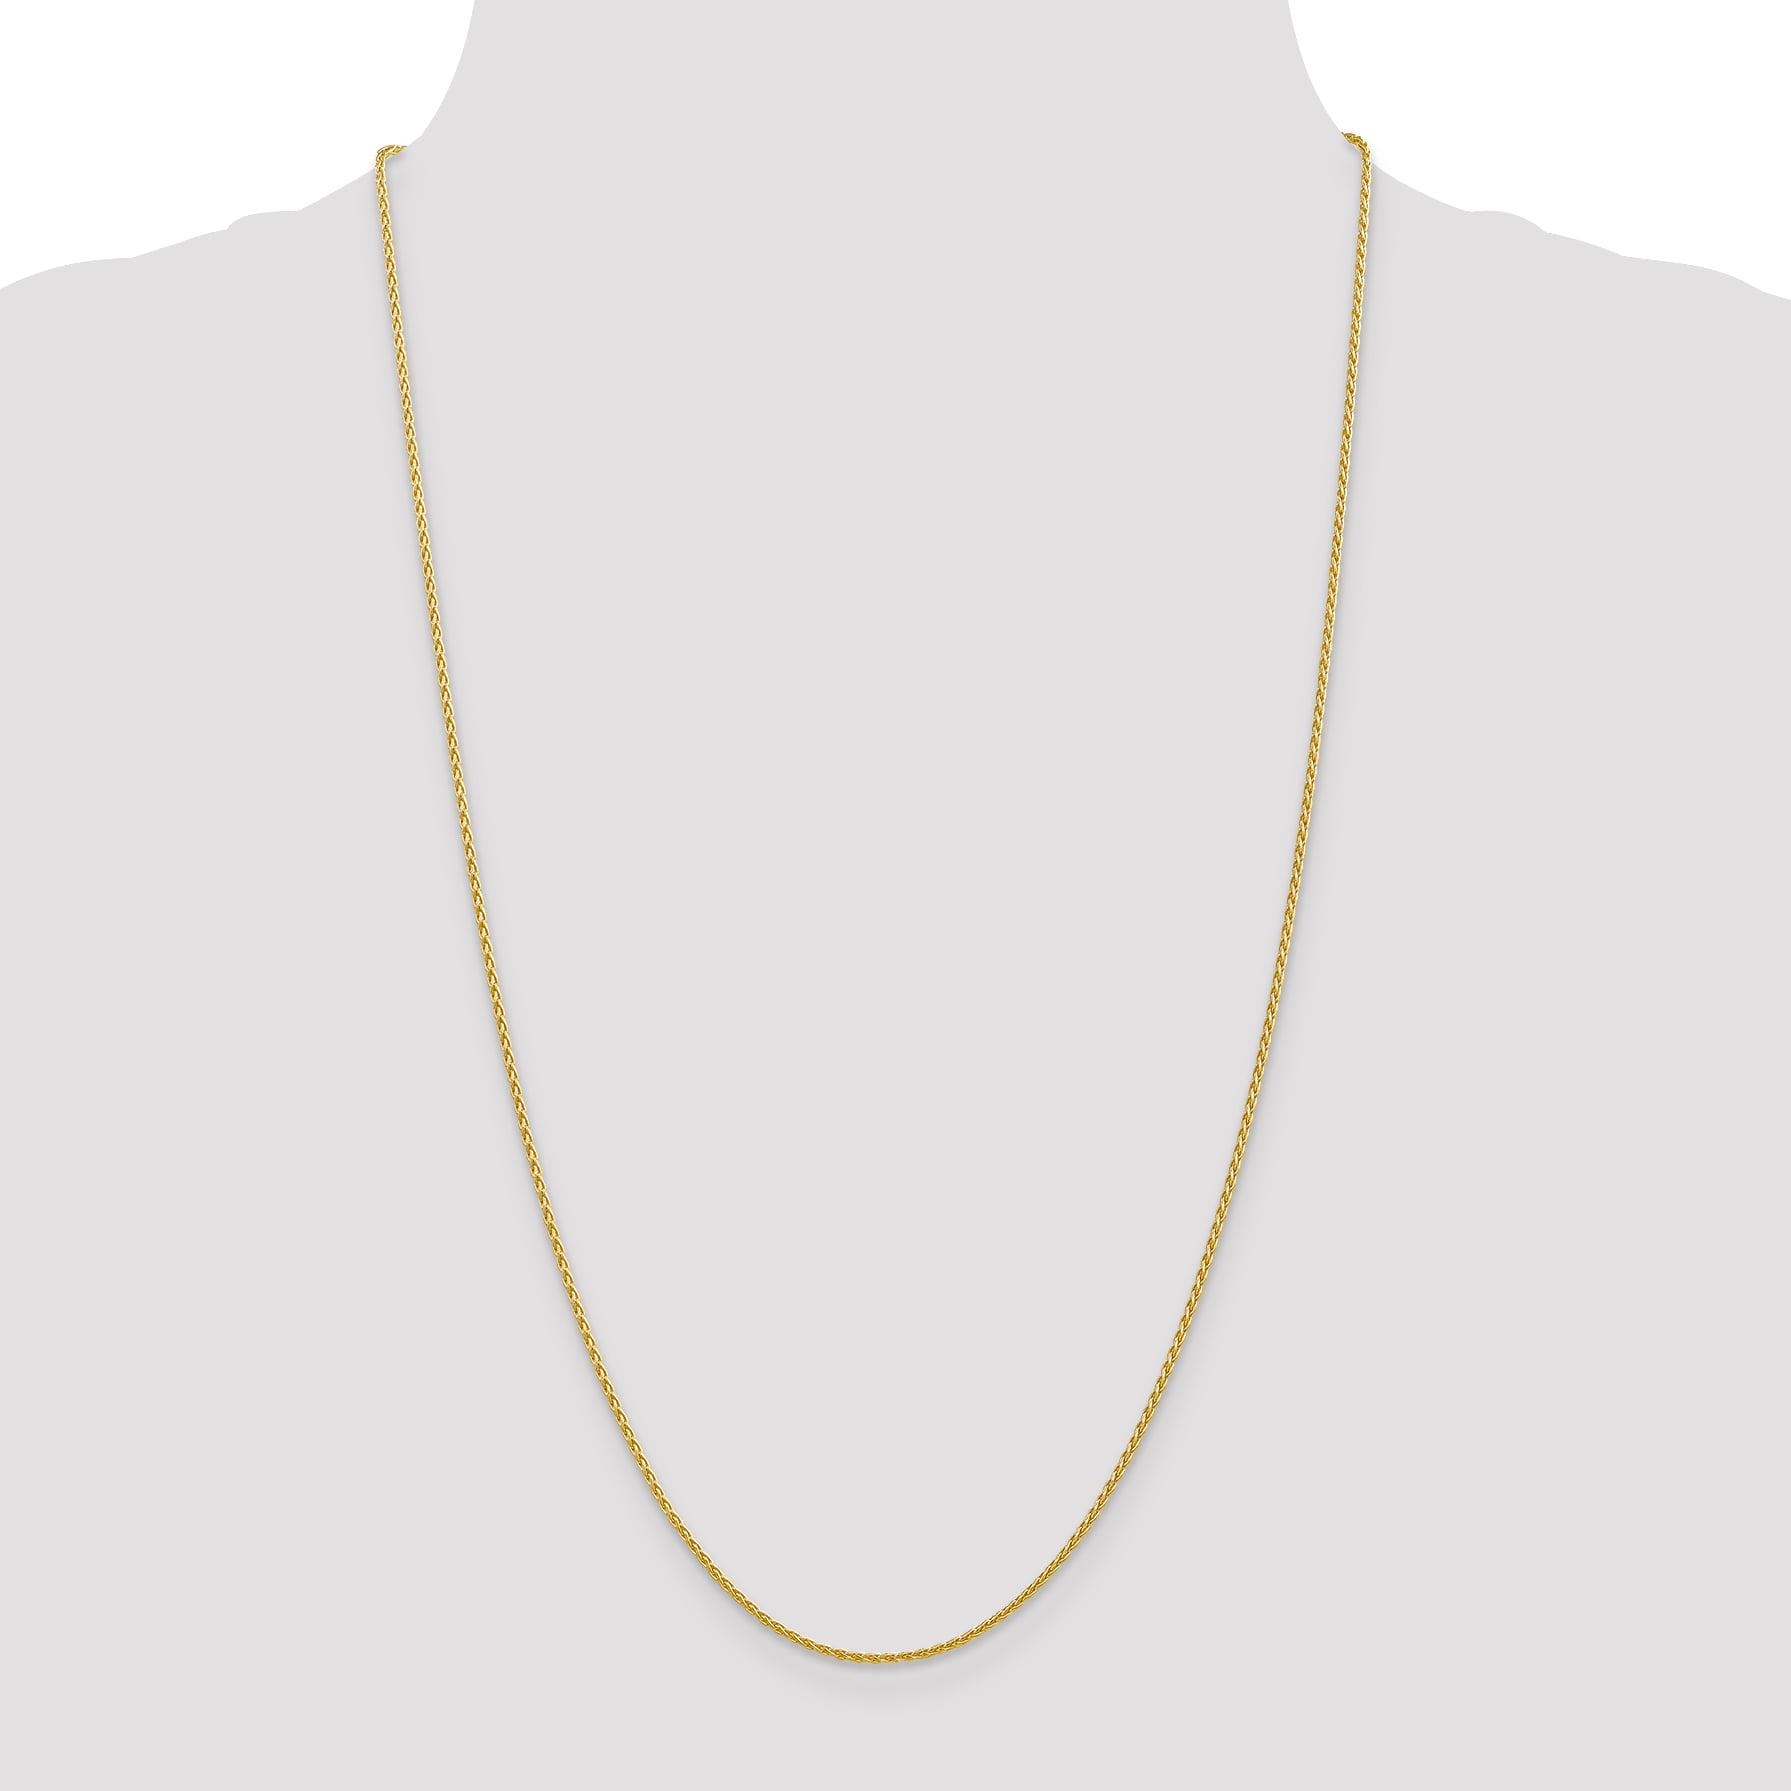 14K Yellow Gold 1.5mm Parisian Wheat Chain 16 Inch - image 1 de 5